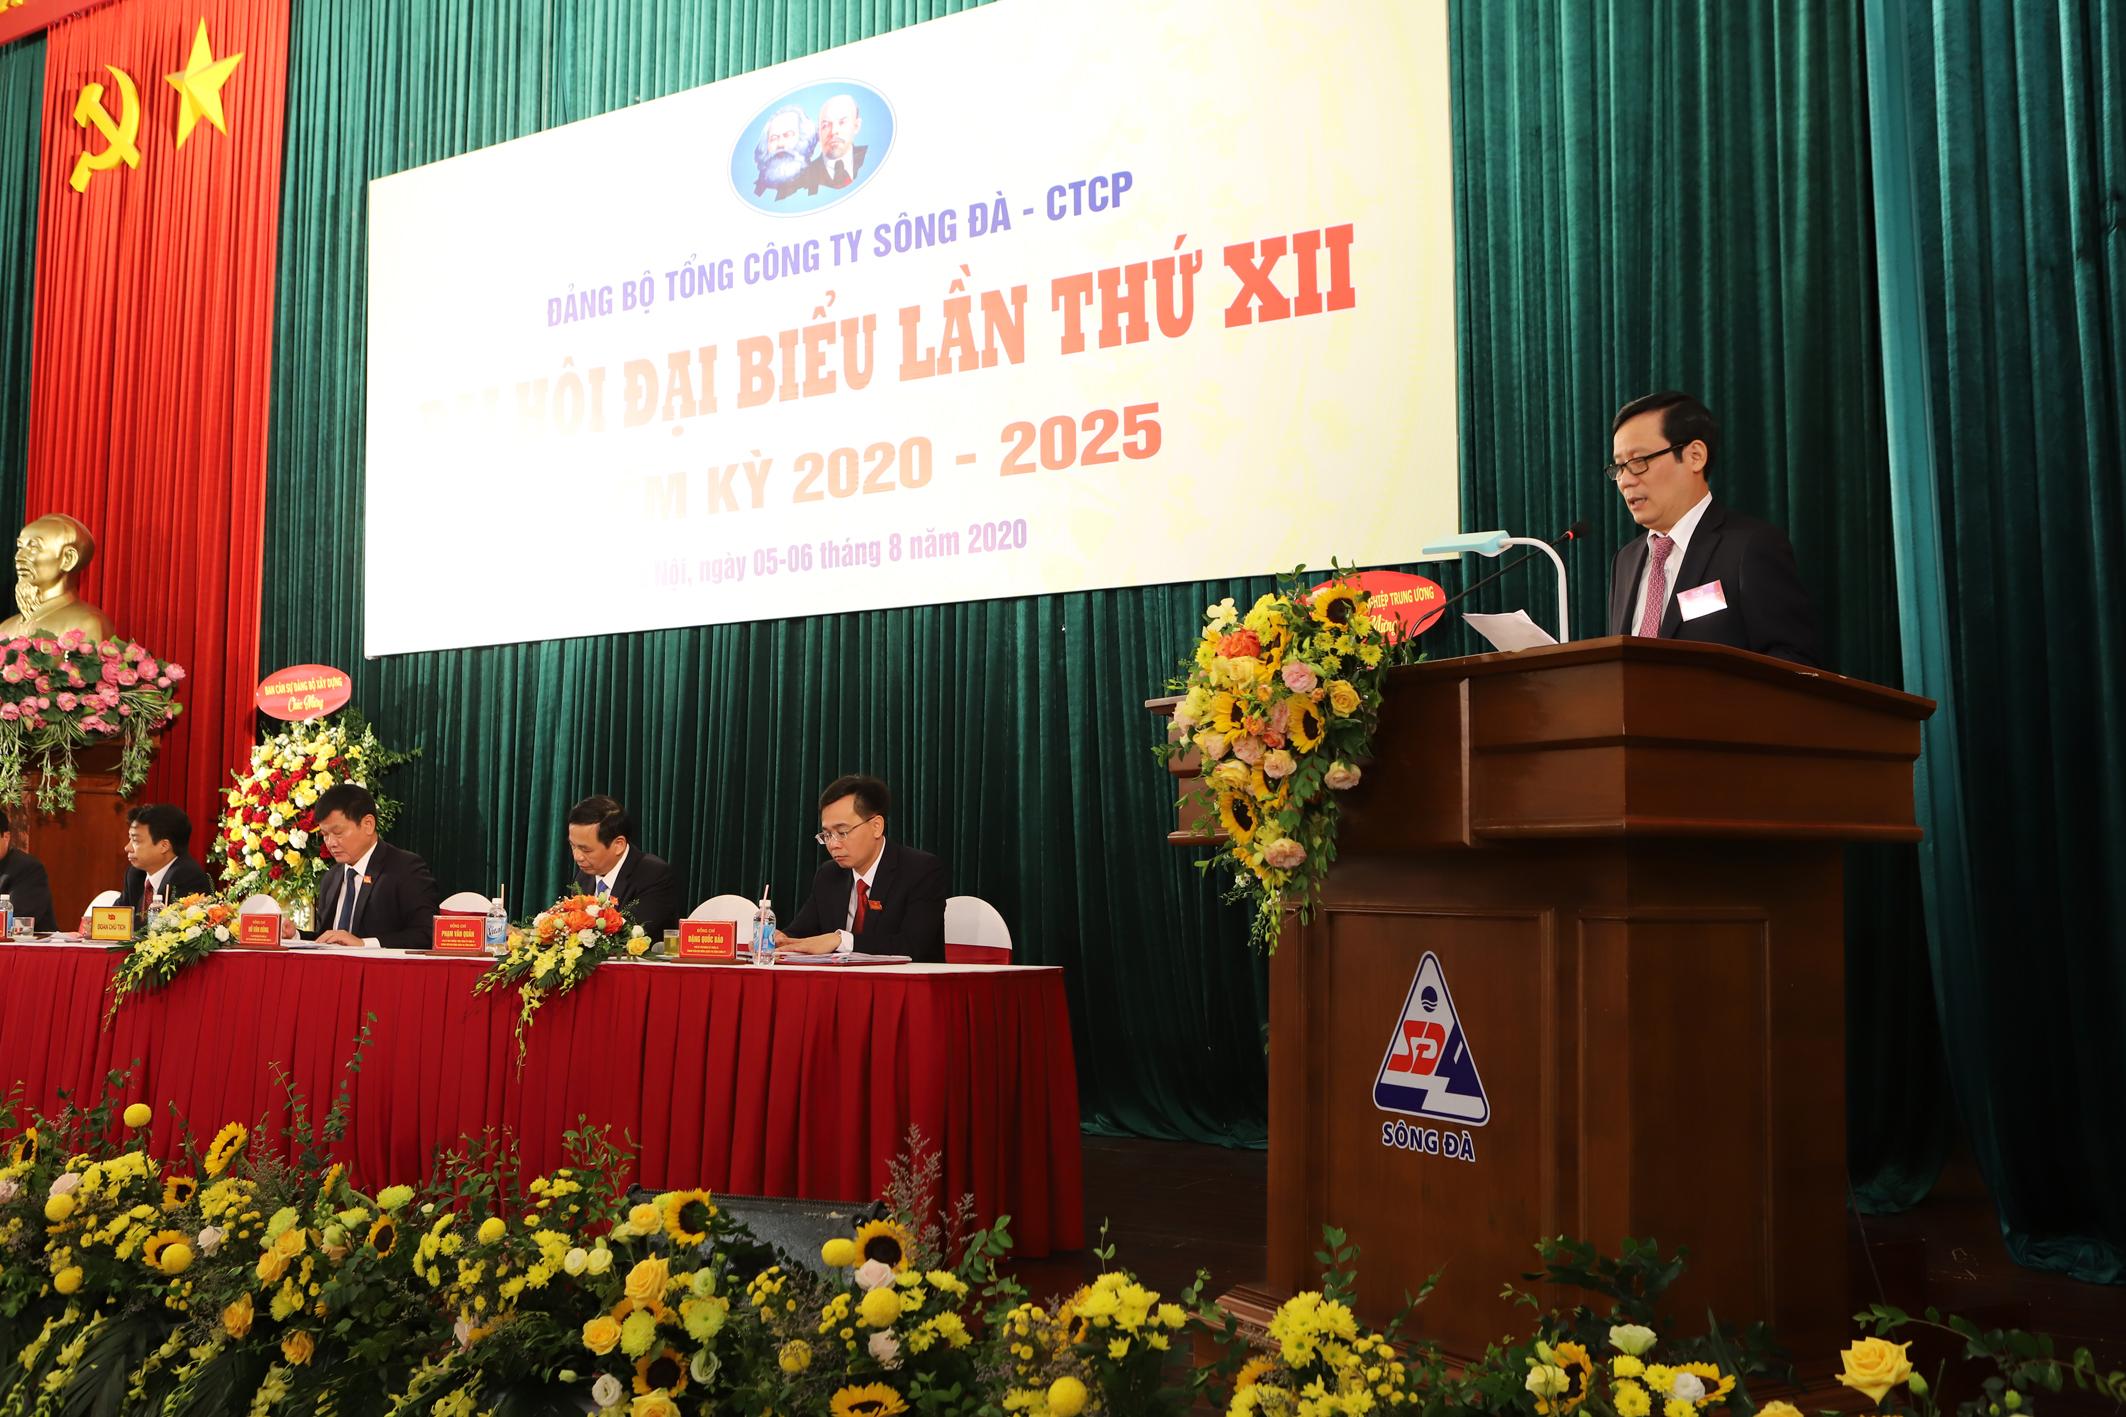 Đồng chí Phạm Tấn Công- Phó Bí thư Thường trực Đảng ủy Khối Doanh nghiệp Trung ương phát biểu chỉ đạo tại Đại hội.